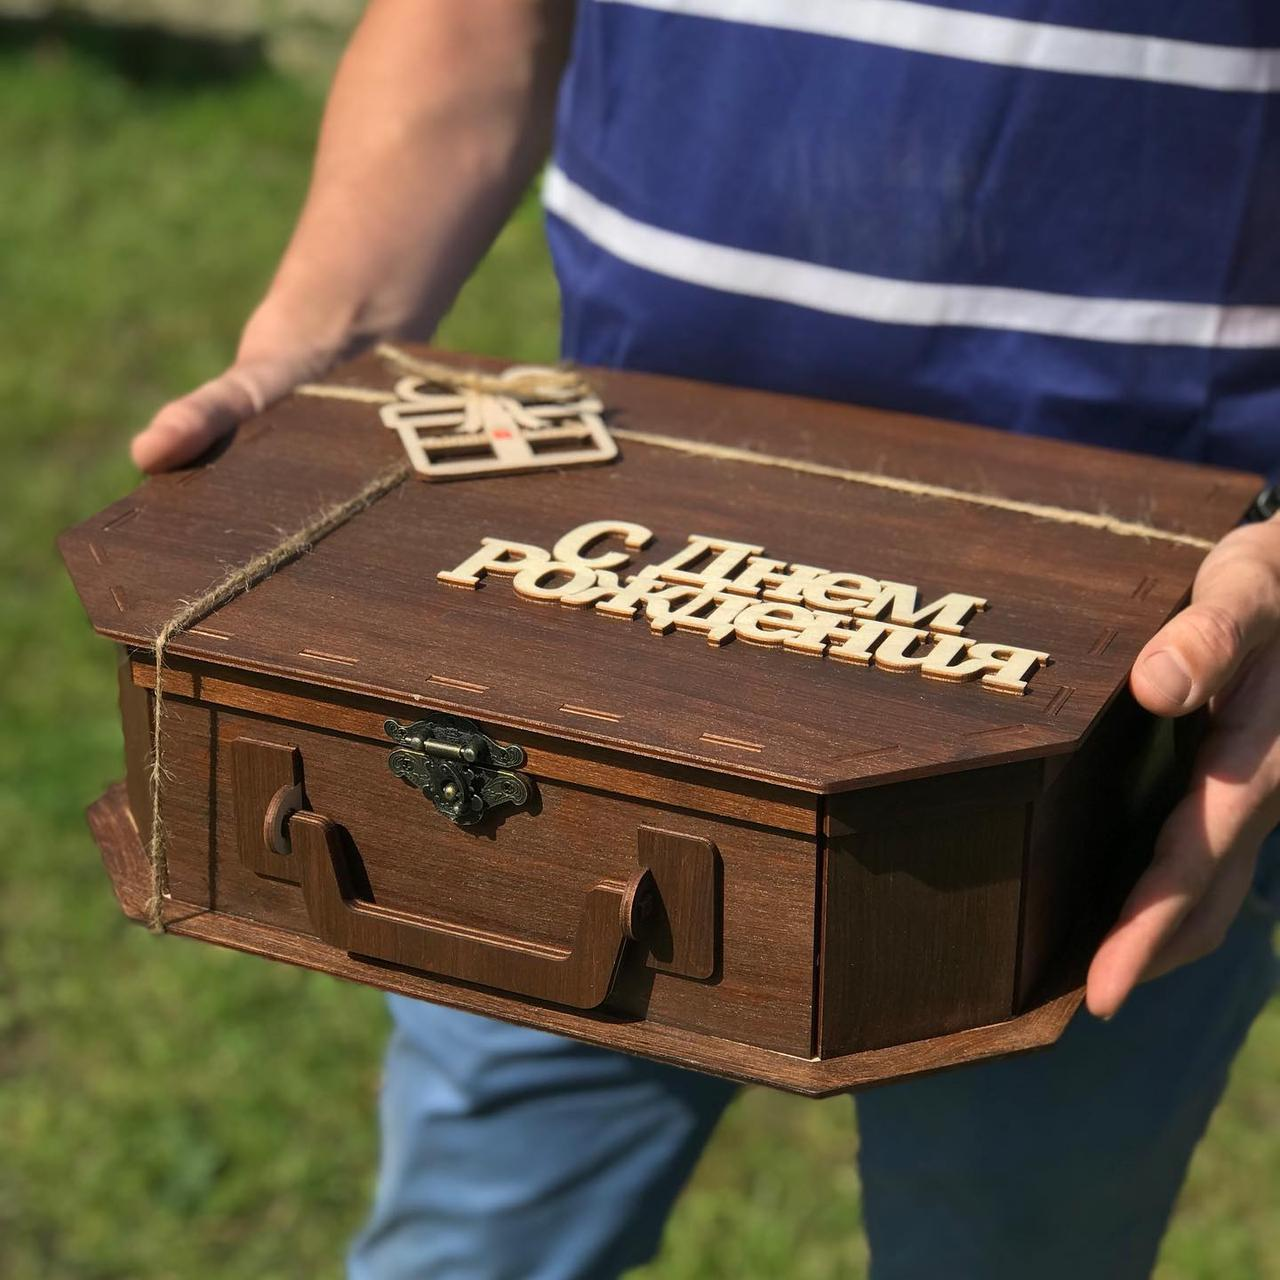 Подарок чемодан Лучшему боссу. Подарок на день рожденье, Юбилей. Папе, брату, мужчине, коллеге, шефу.